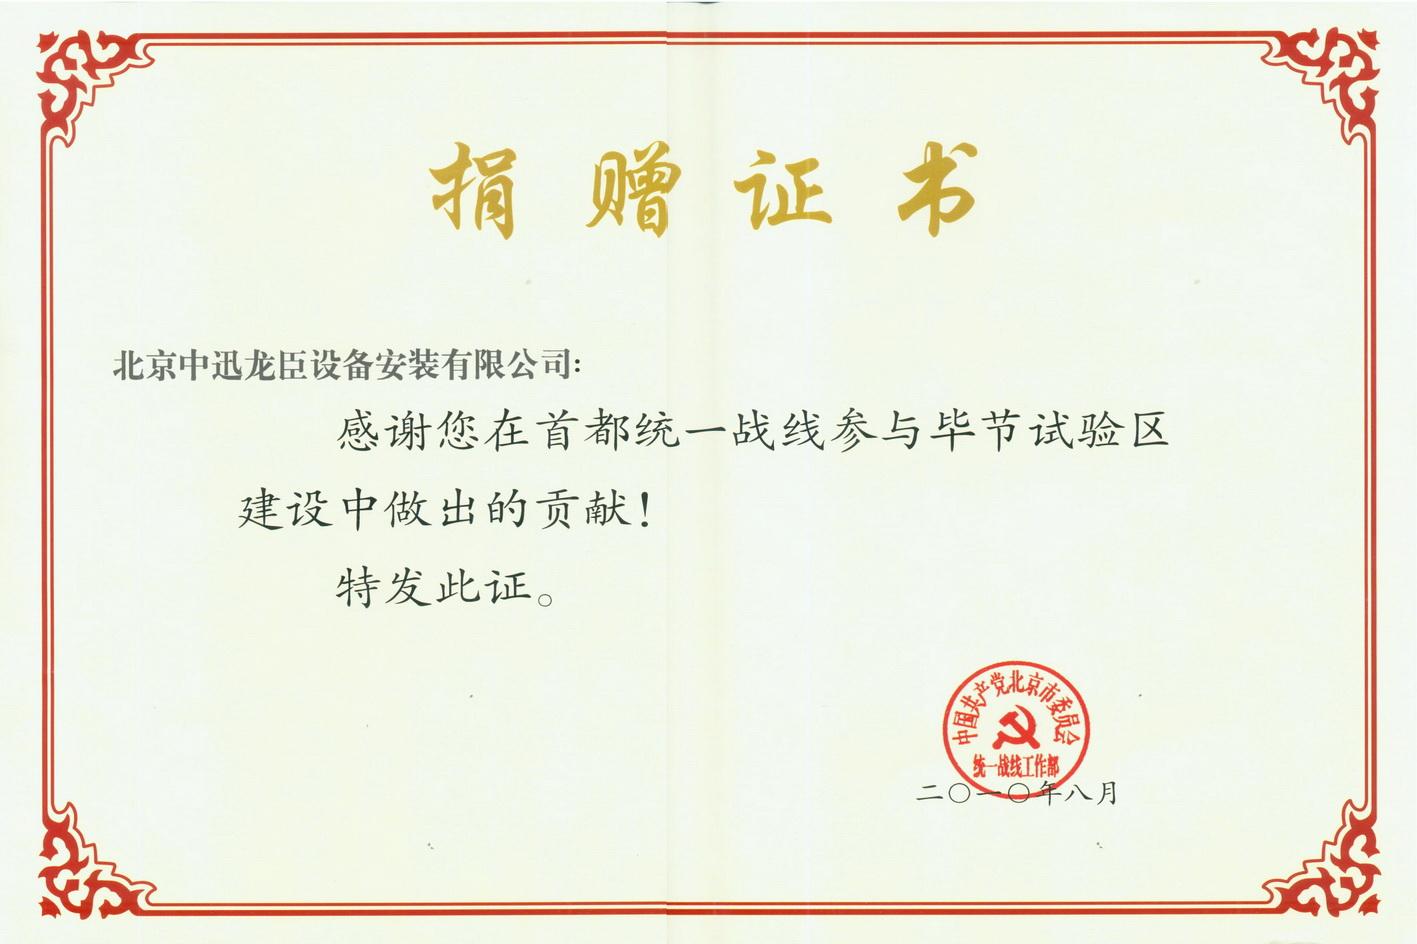 2010年毕节捐赠证书